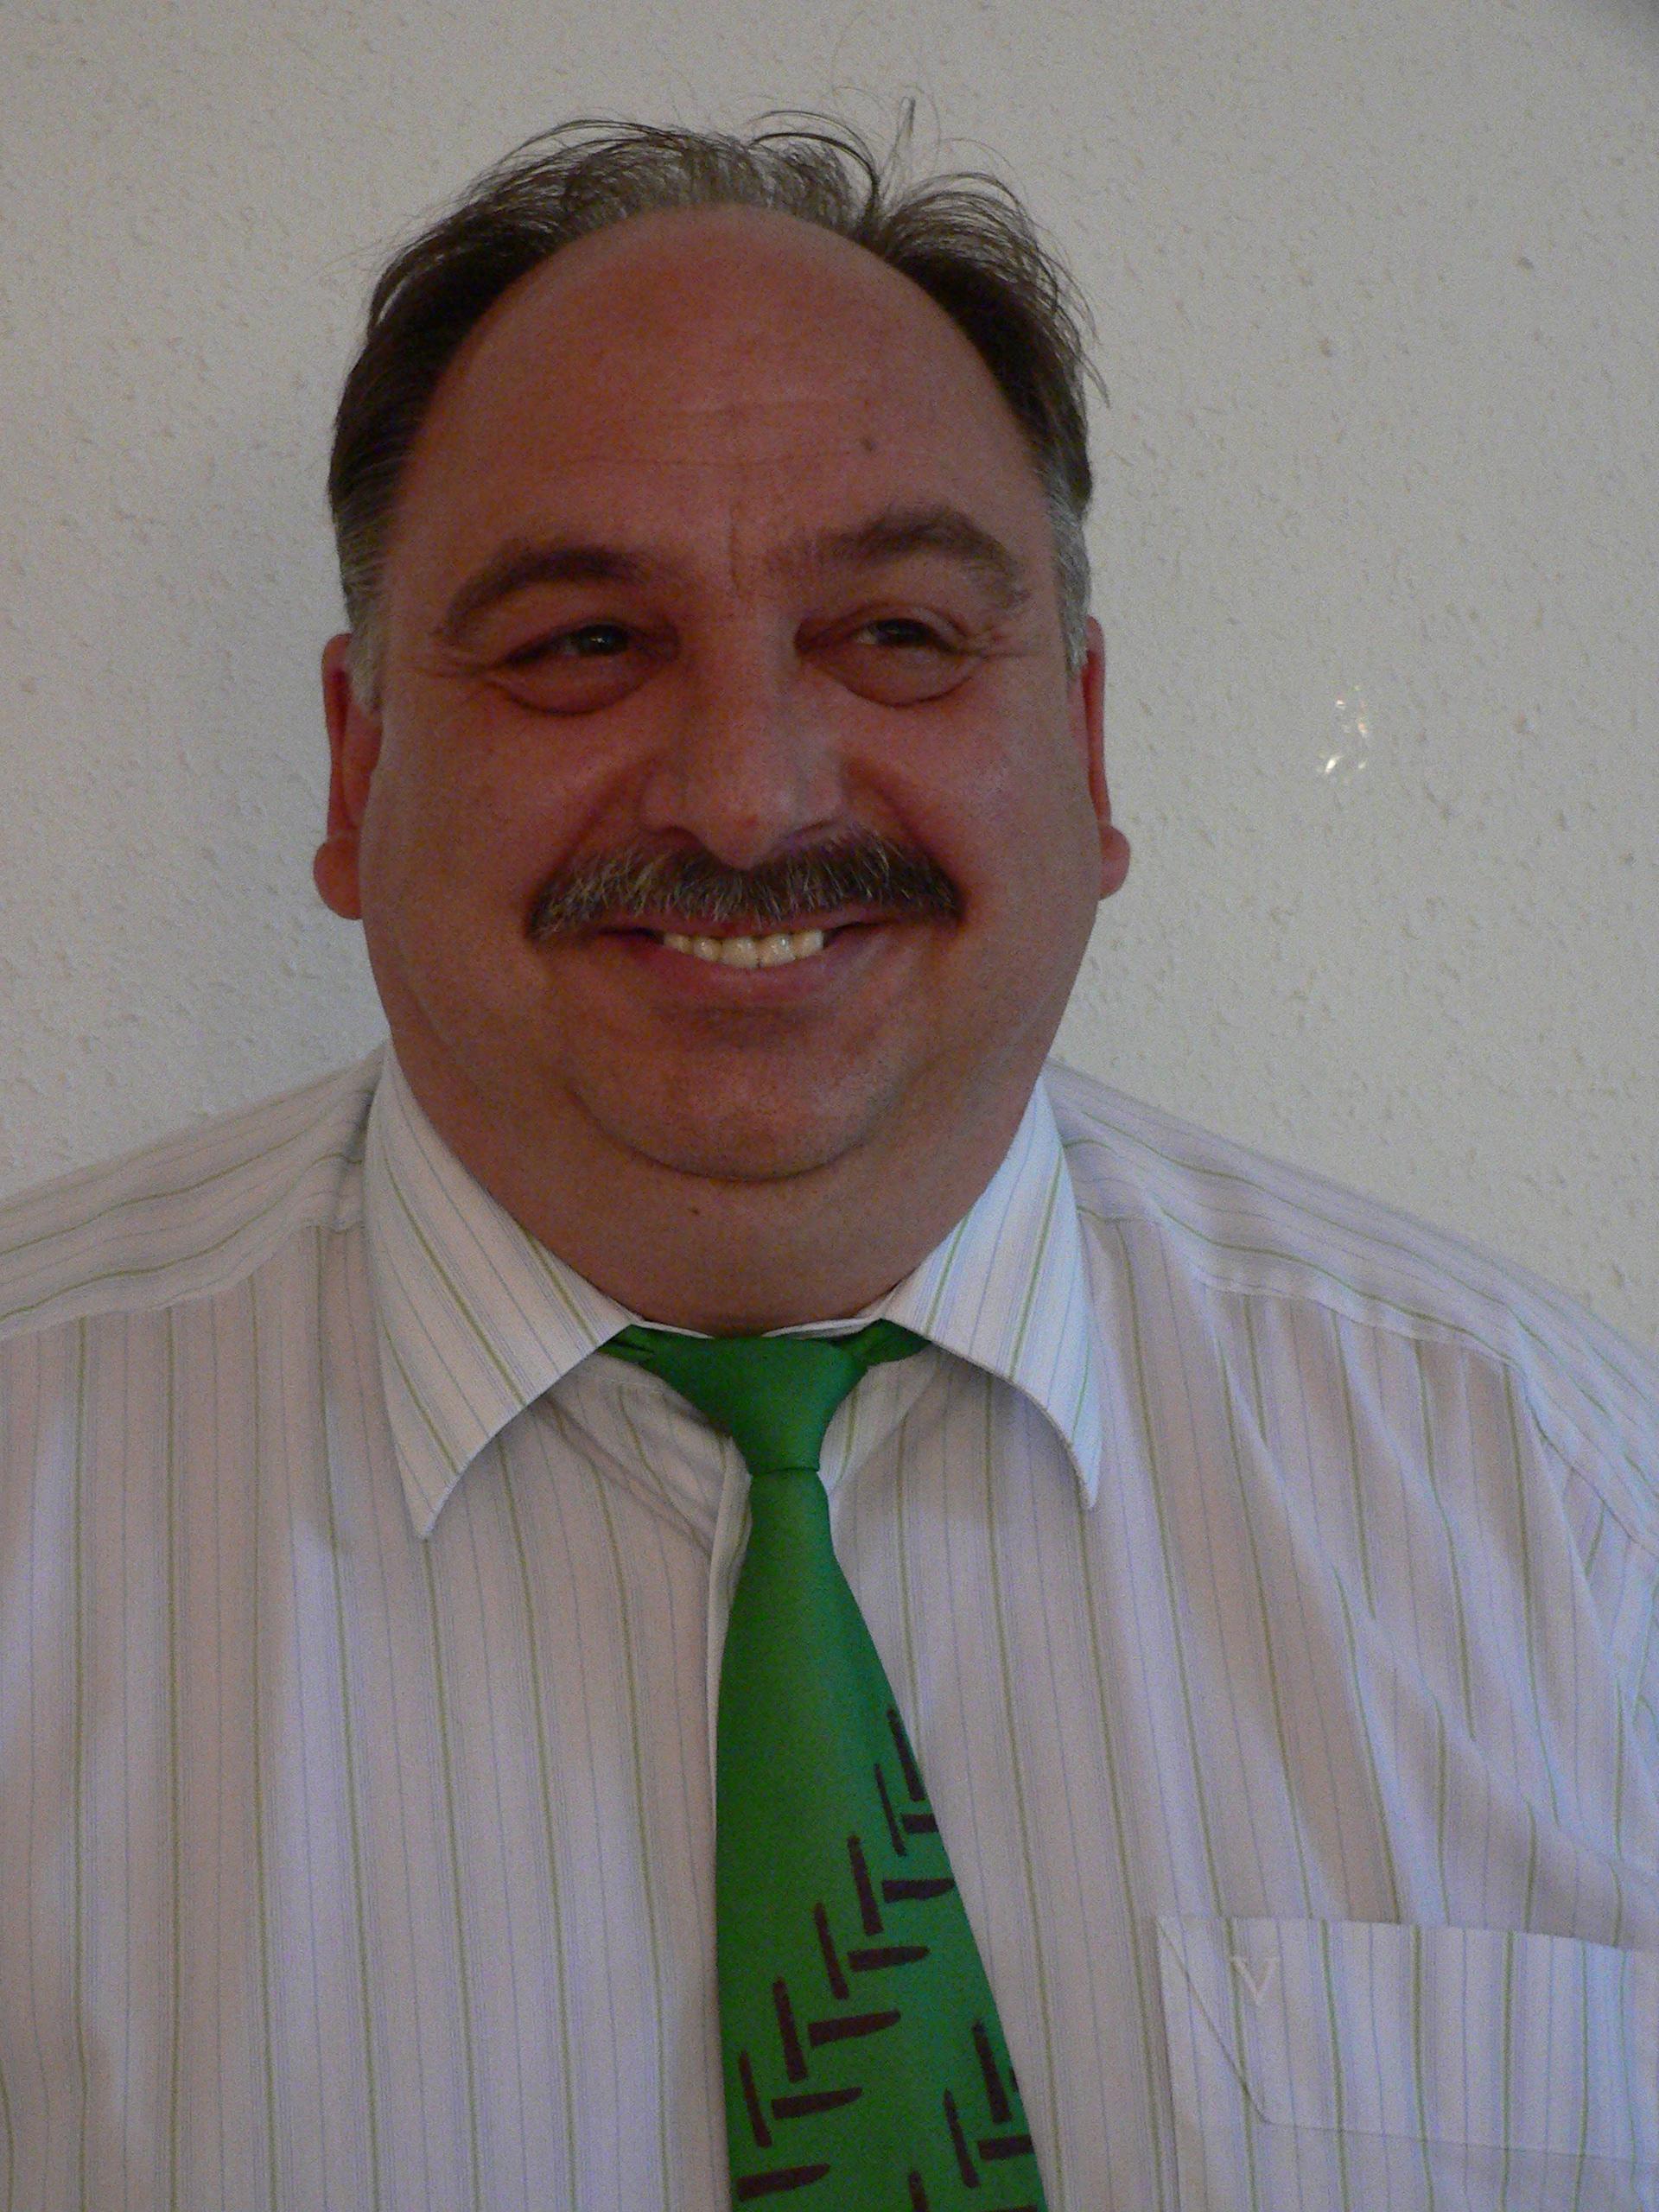 Paul Raimund